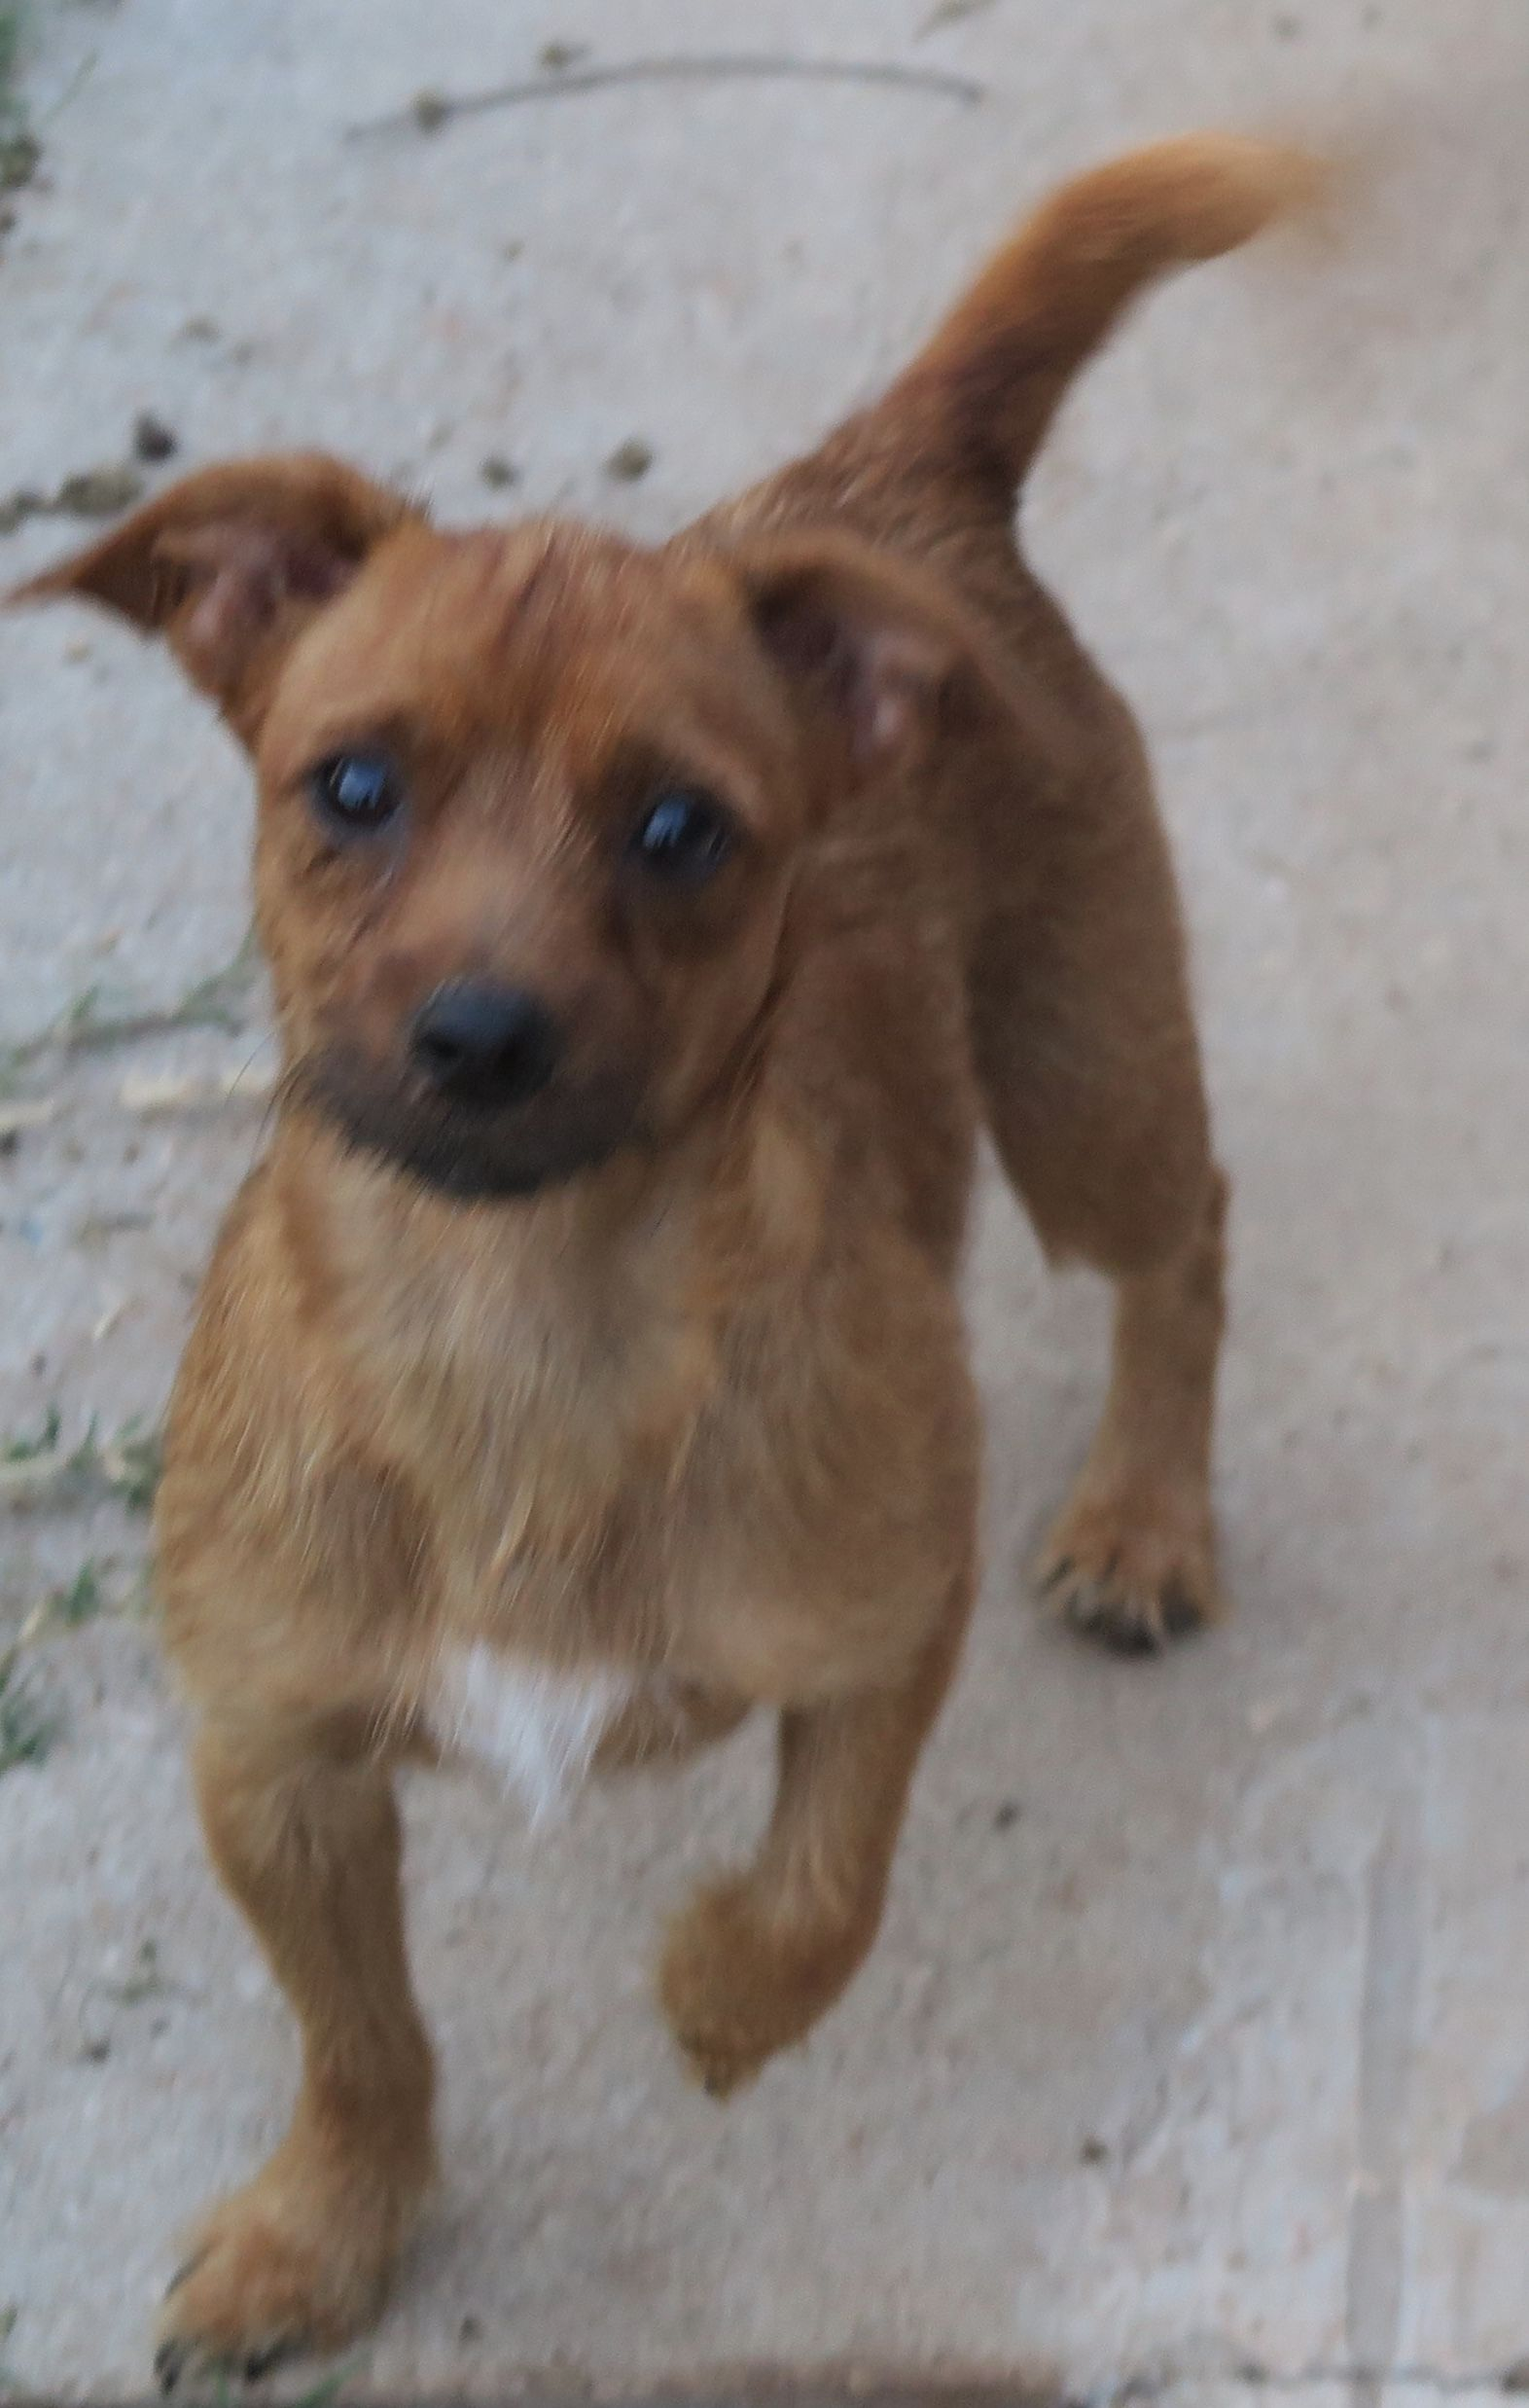 Daug dog for Adoption in Prague OK ADN on PuppyFinder